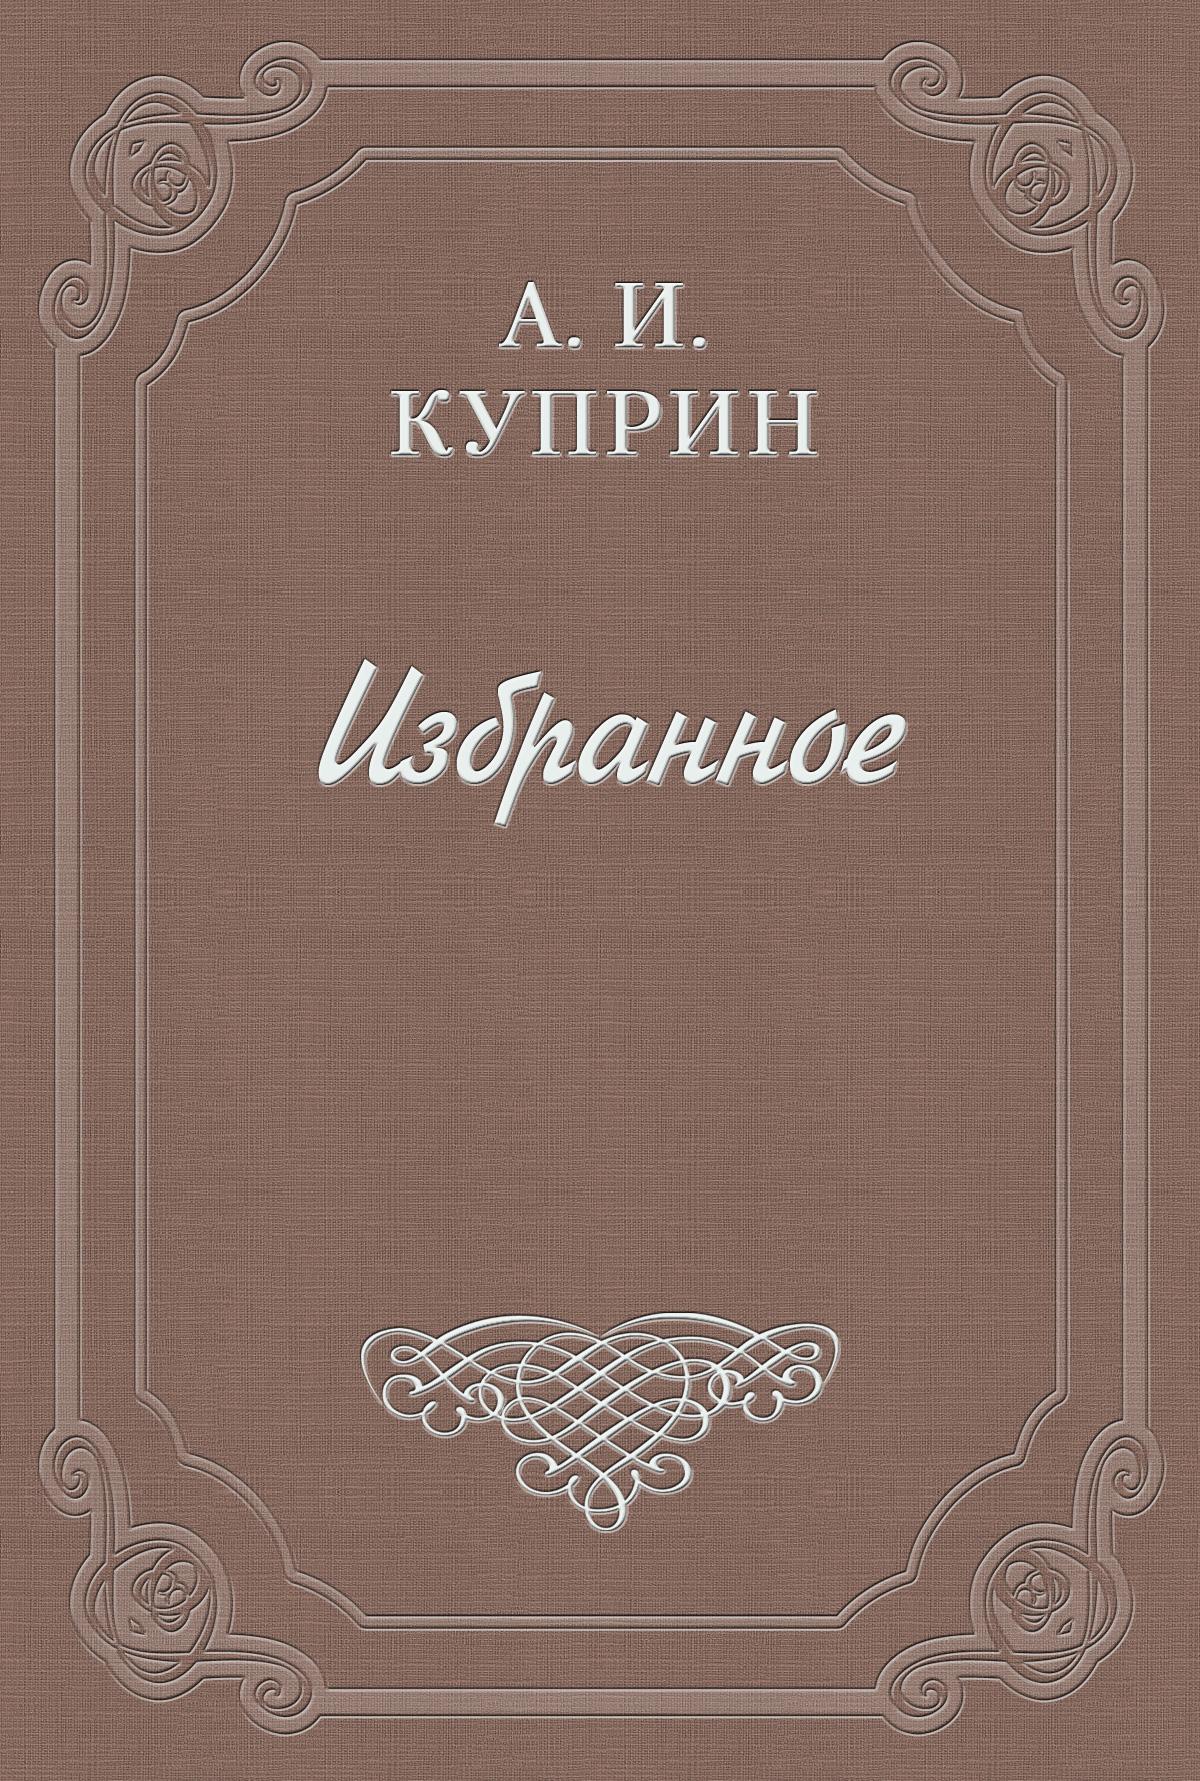 Александр Куприн В гостях у Толстого ираклий андроников качалов в гостях у толстого